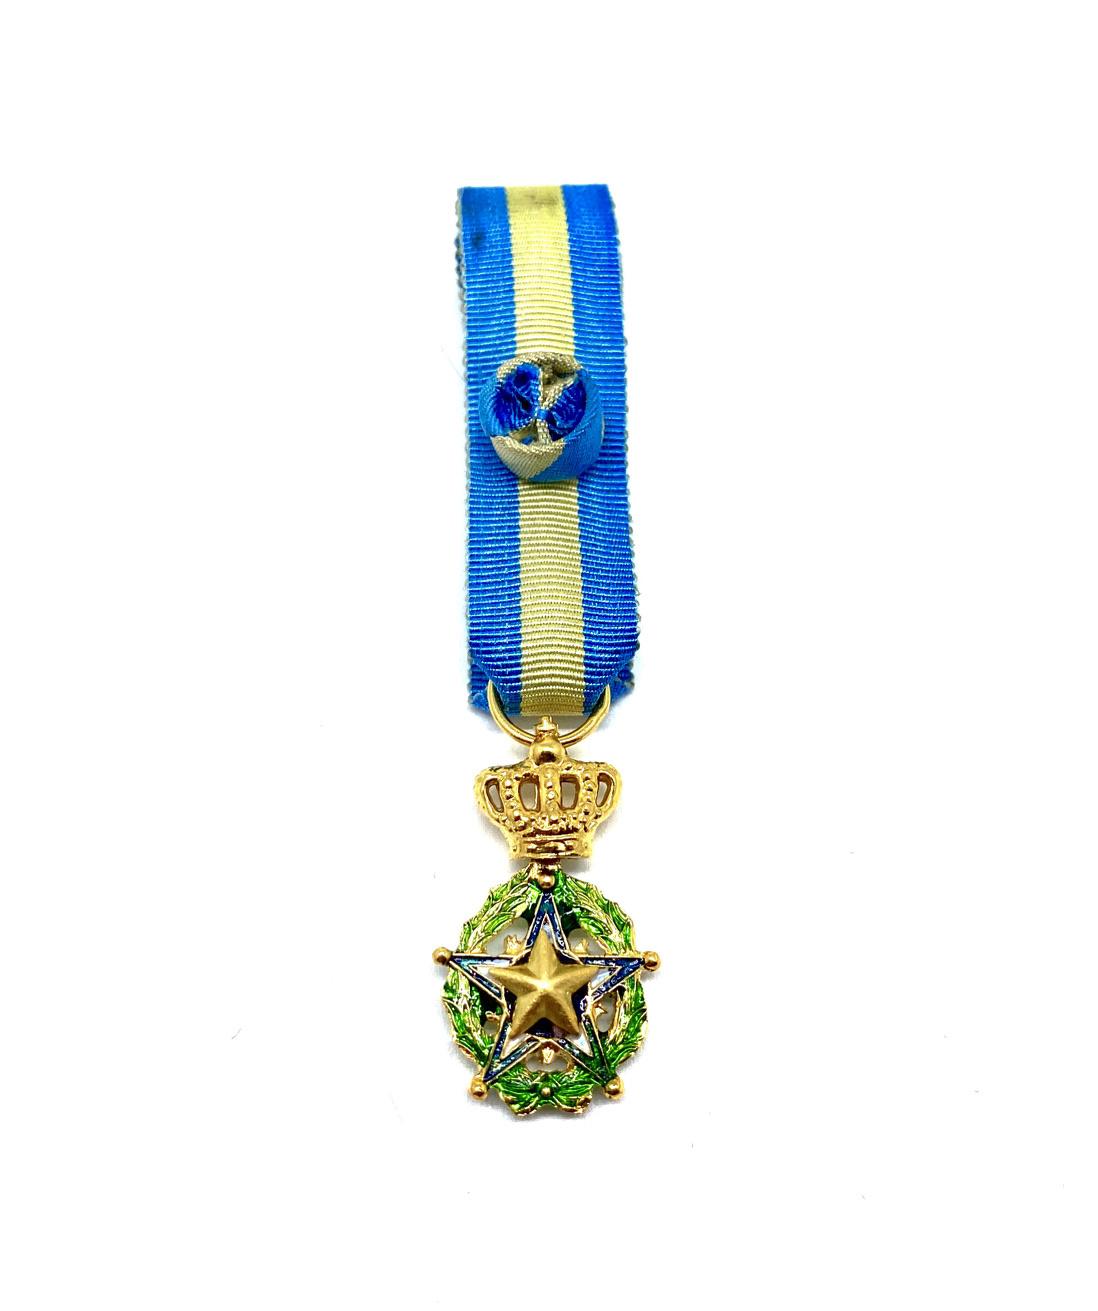 Officier de l'Ordre de l'Étoile Africaine